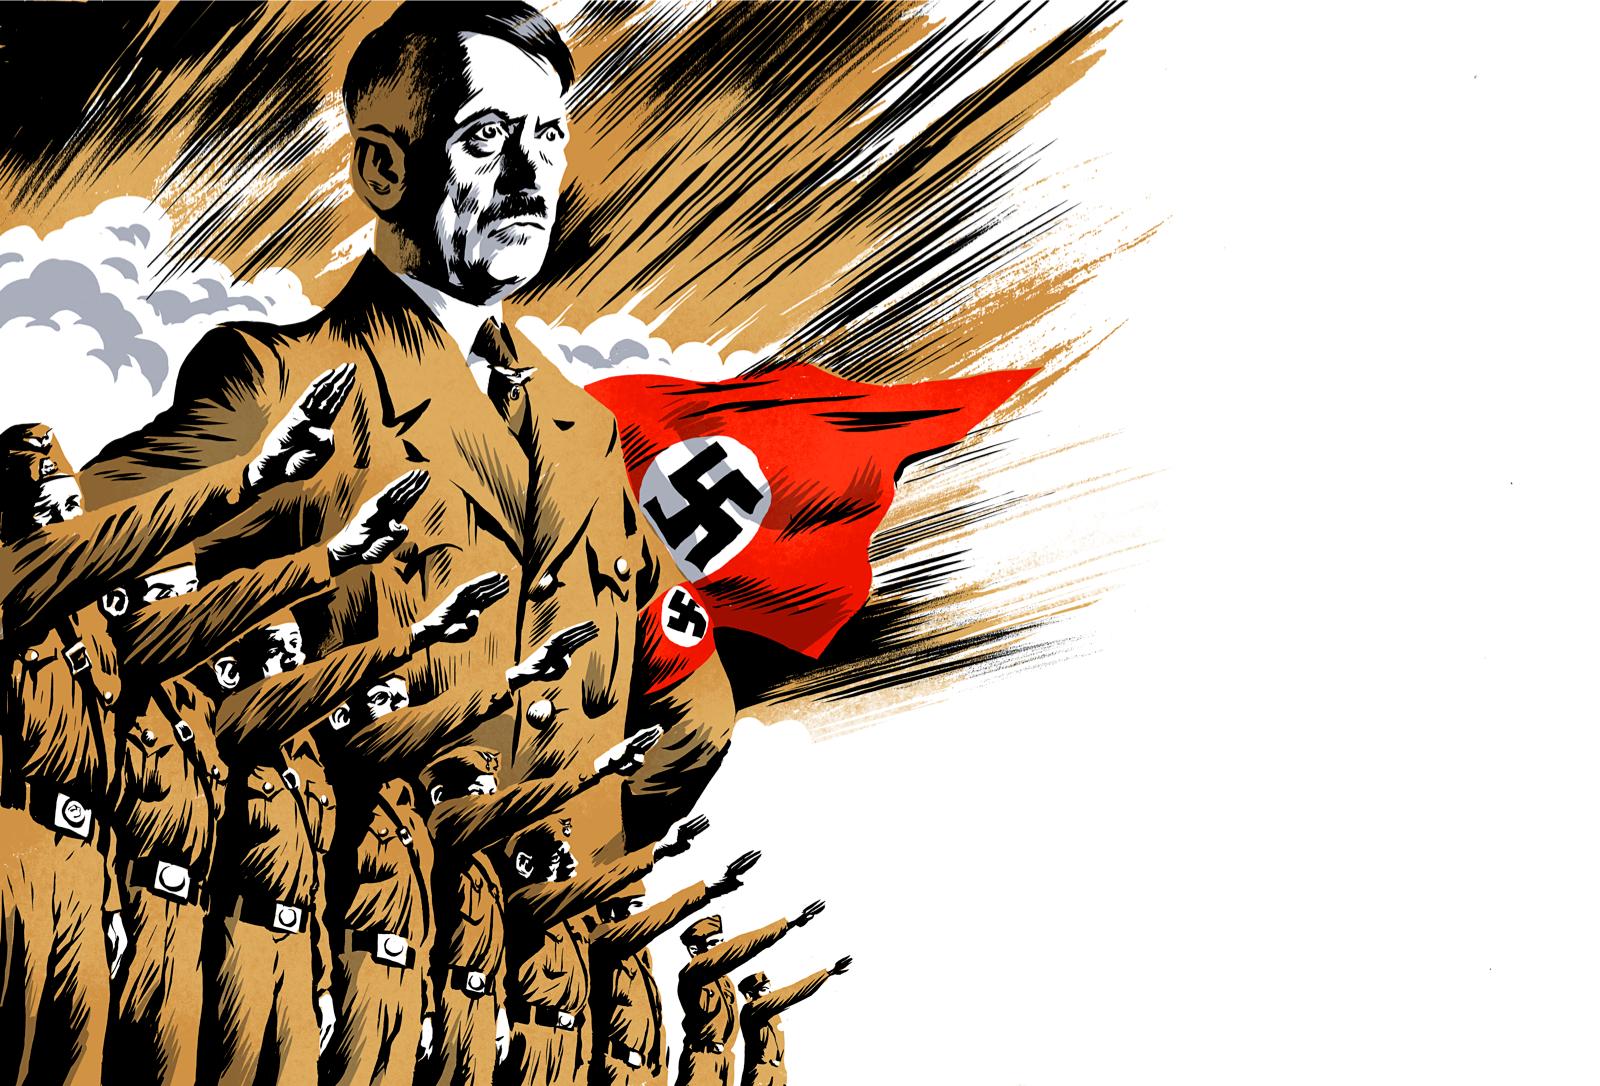 Vlak voor de bevrijding werd nazi-leerling Dick Woudenberg (16) naar het front gestuurd